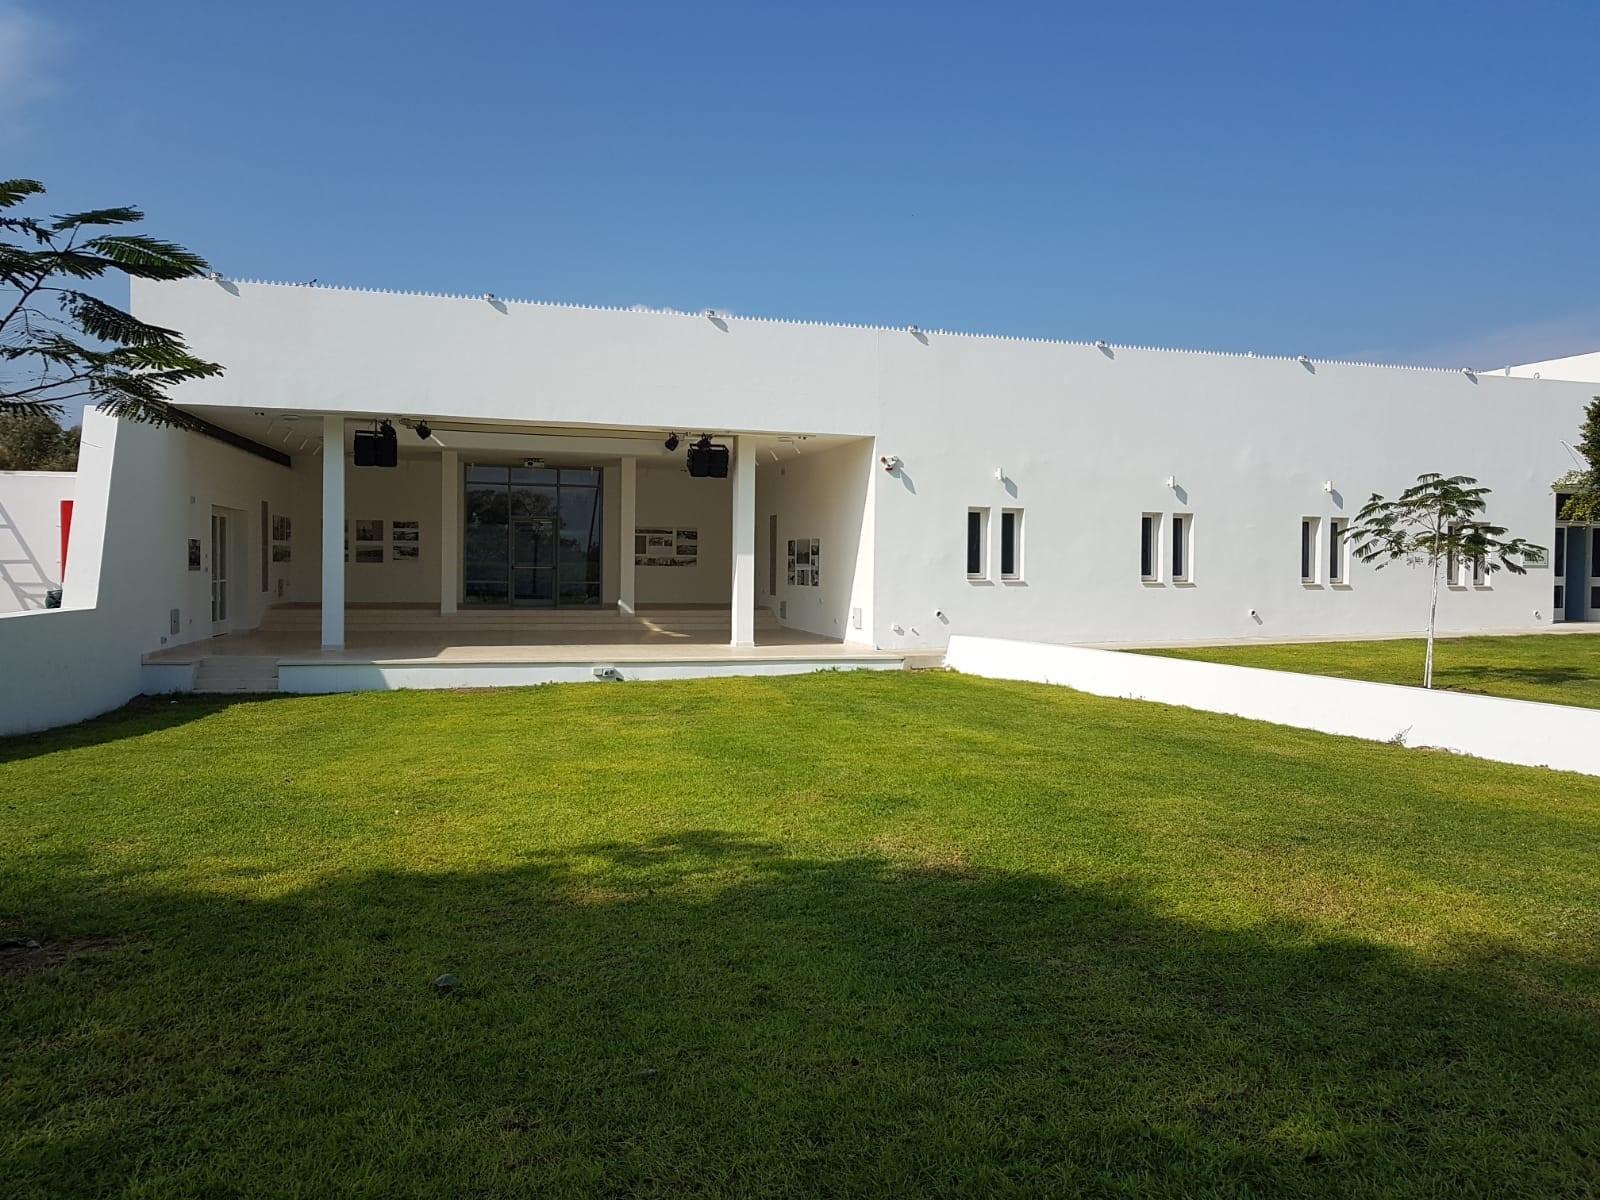 המוזיאון בניין לבן מרשים שתכנן האדריכל שמואל מסטצקין